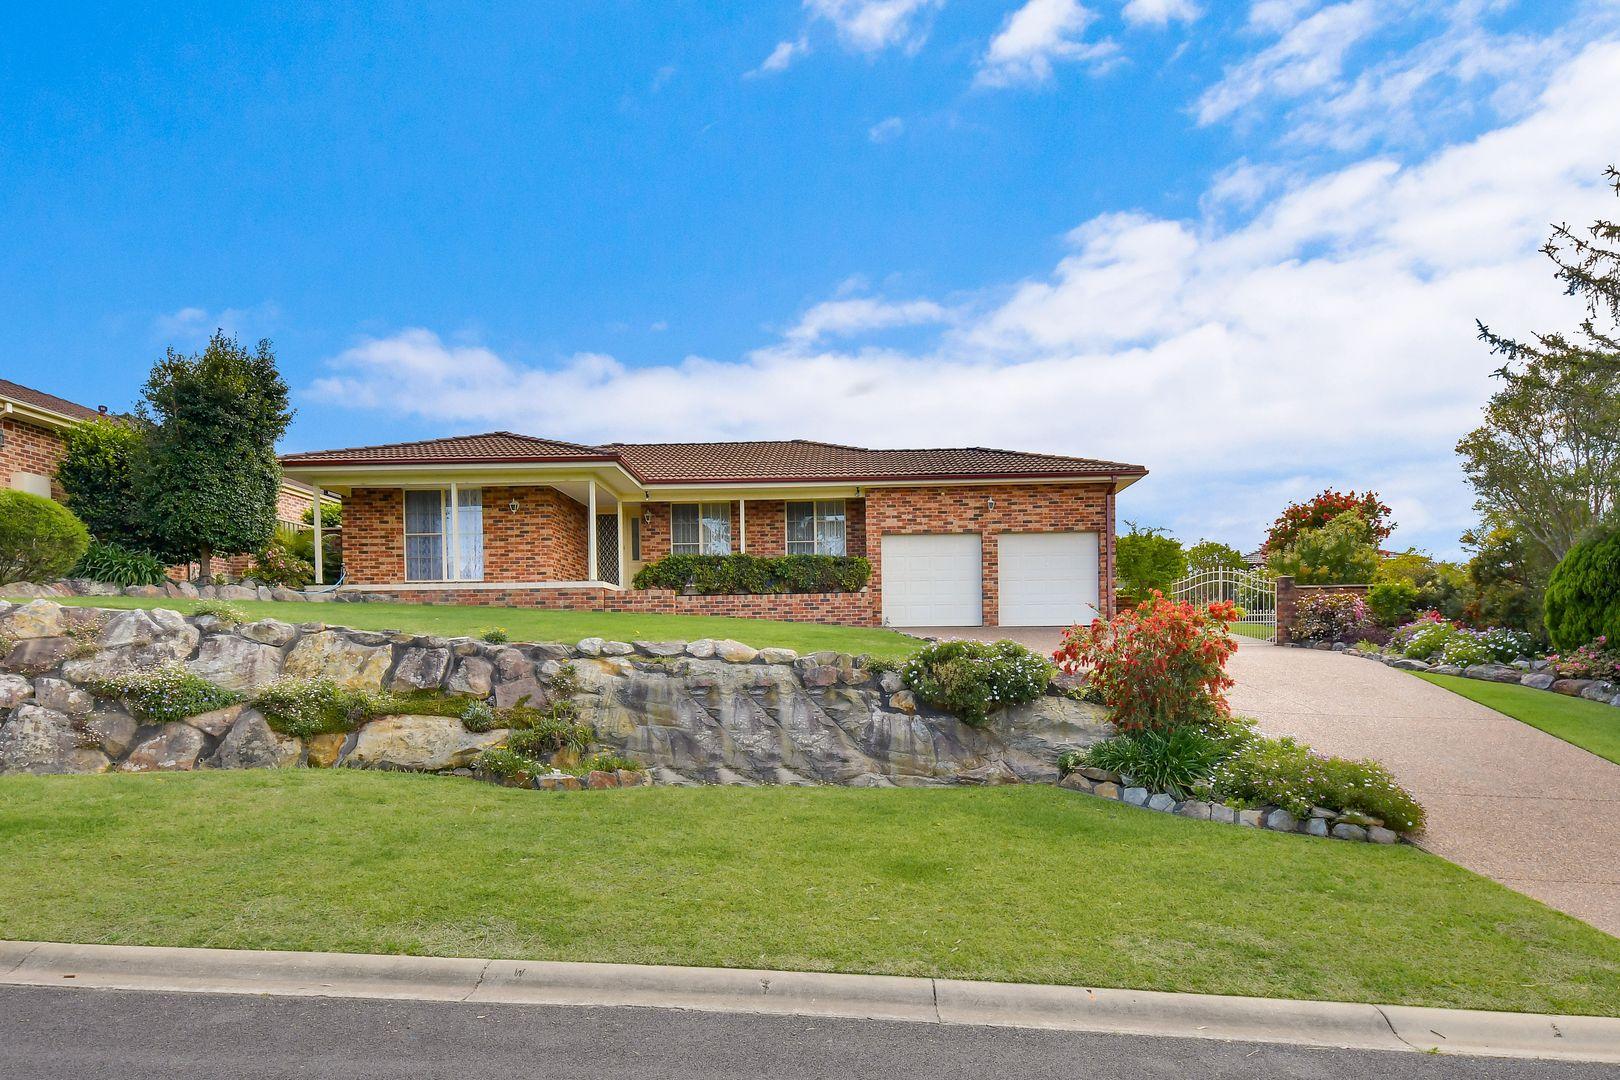 102 Olivet Street, Glenbrook NSW 2773, Image 0